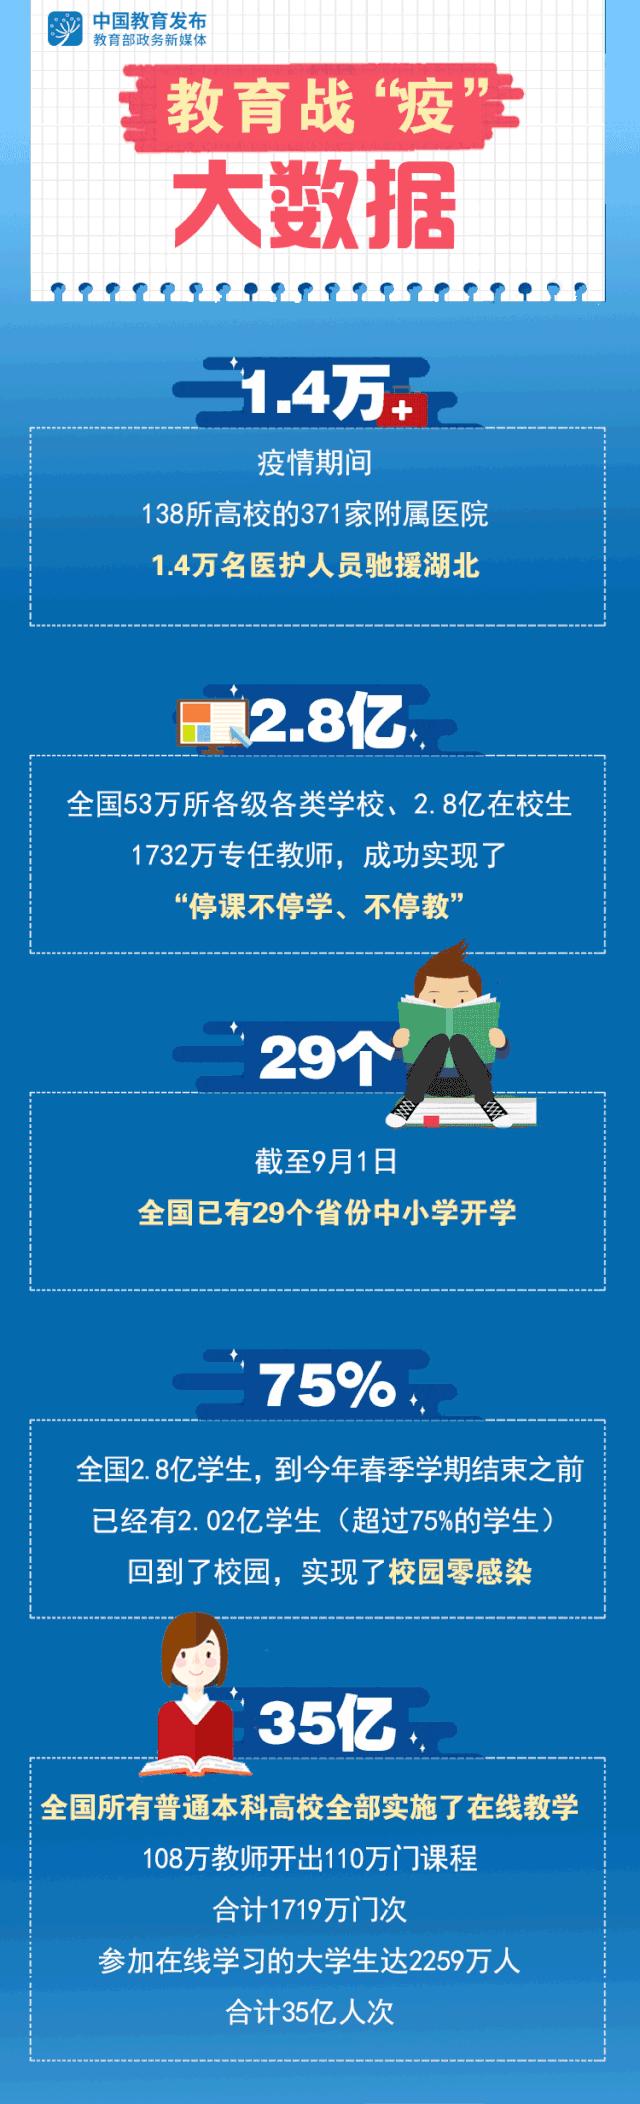 原创             一周教育圈 | 全国热烈庆祝教师节;搜狐养育大会启动;教育战疫大数据公布